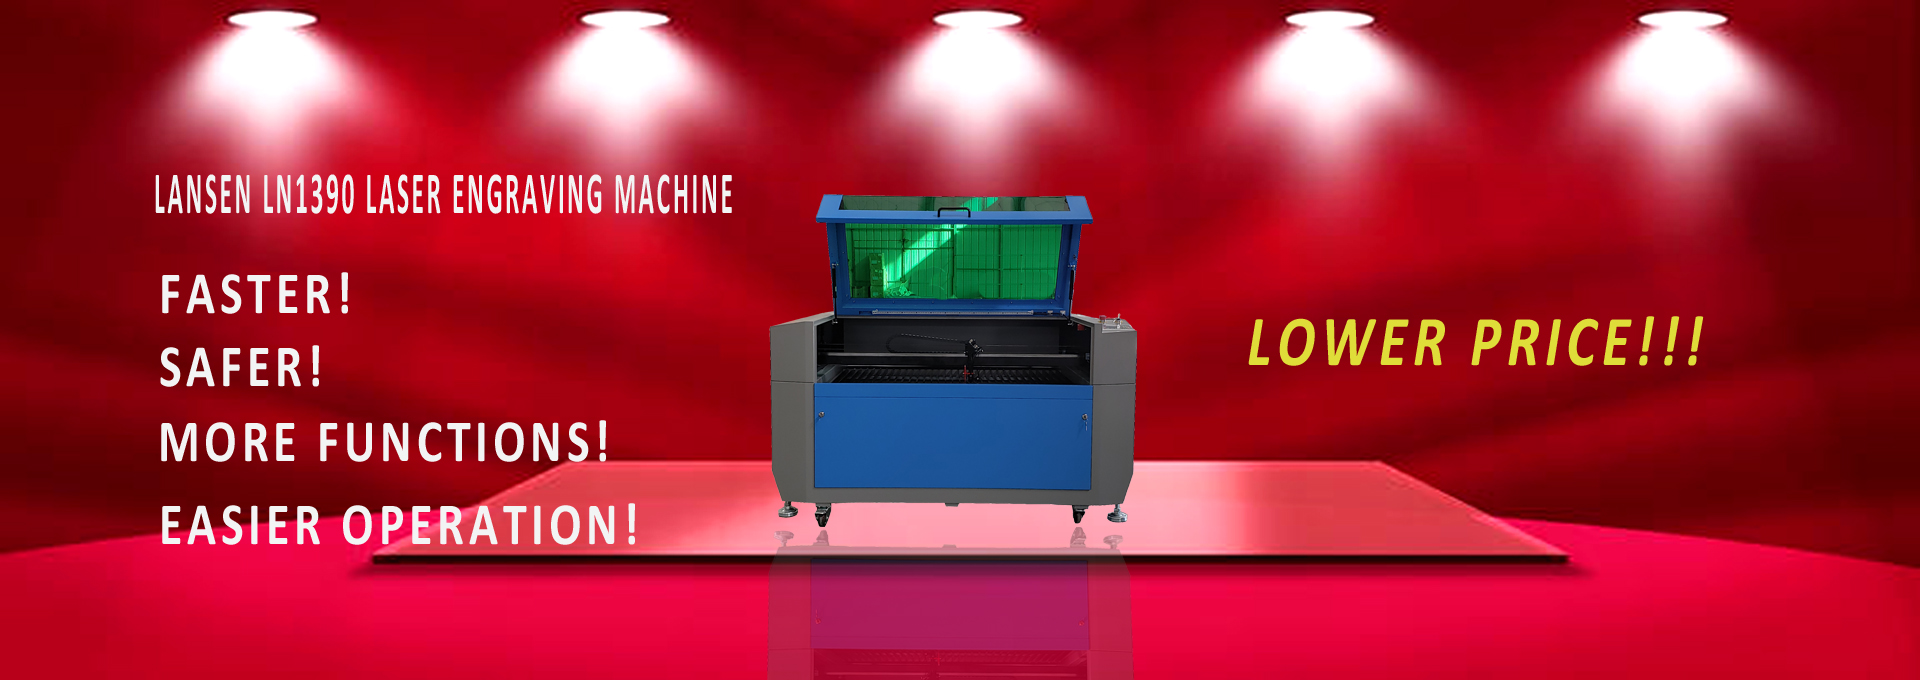 1390-laser-engraving